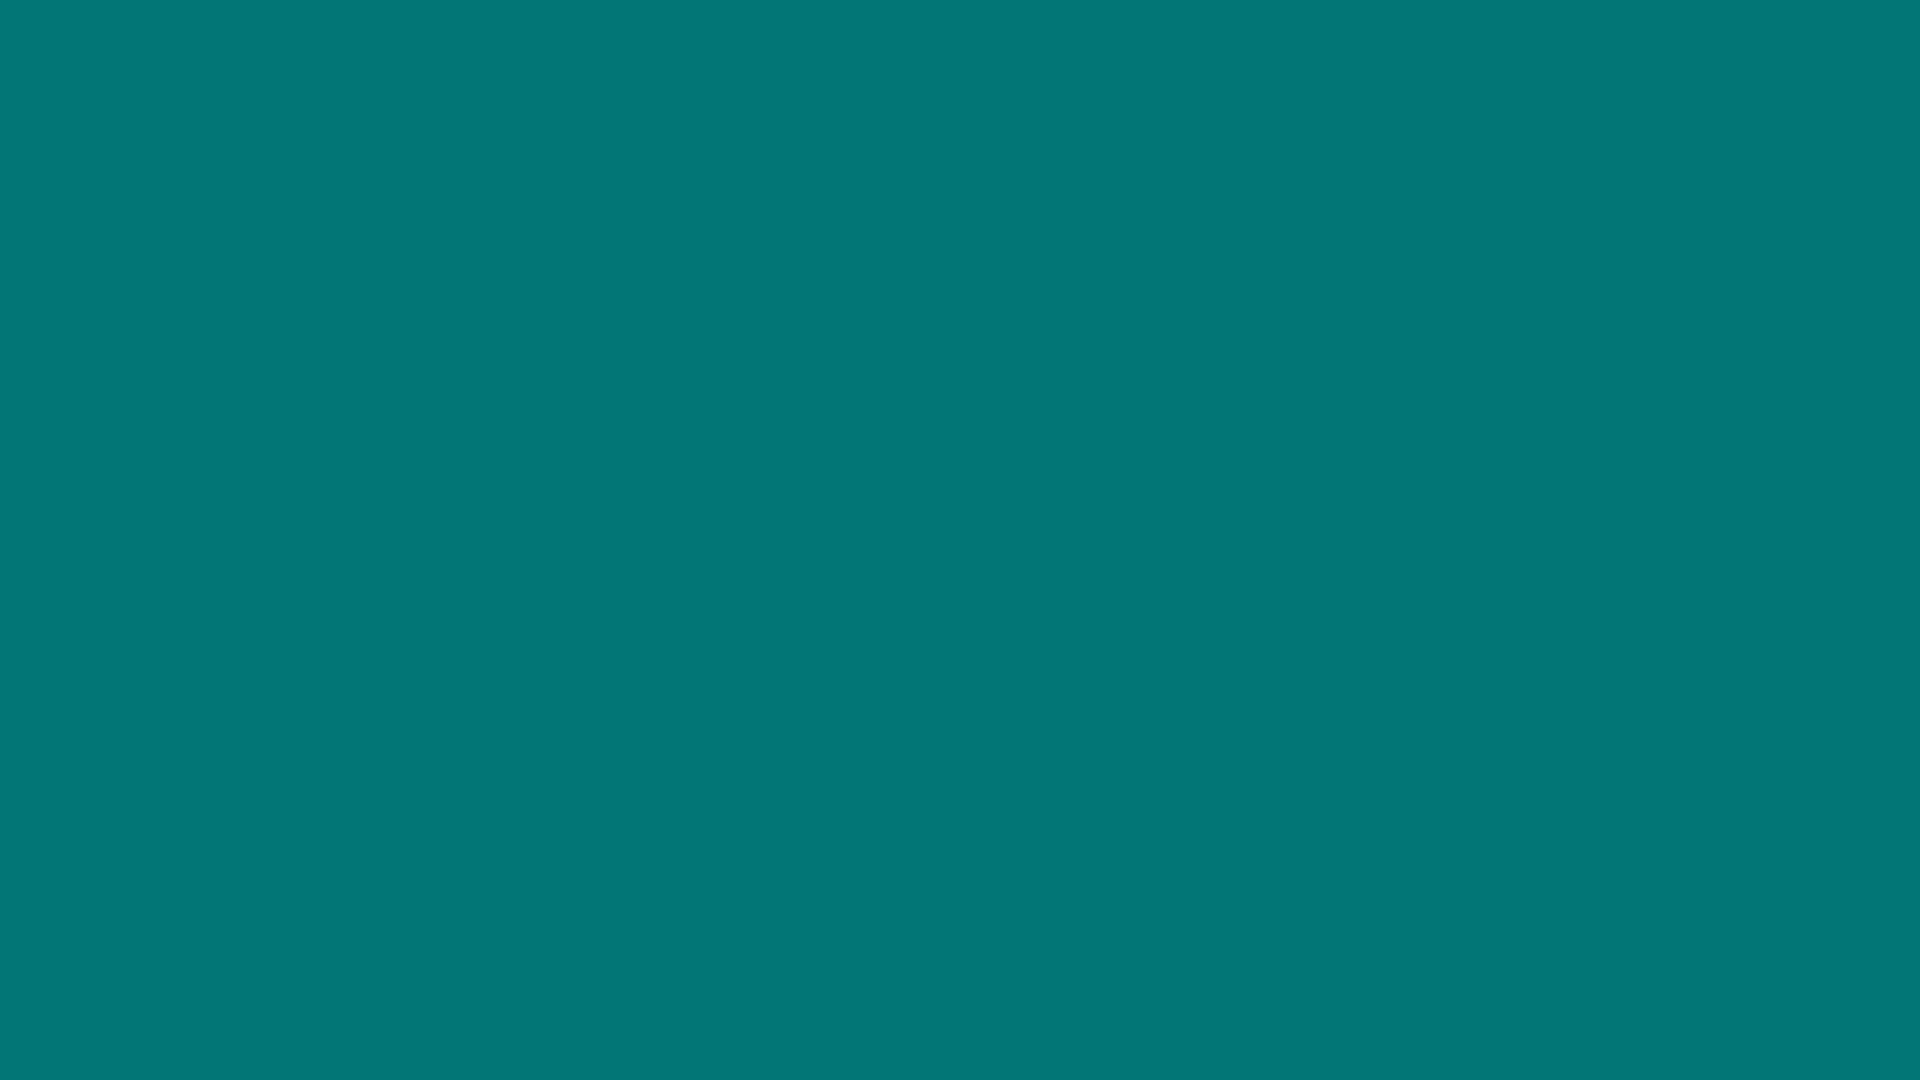 """[중앙일보] ④ """"이제는 아시아 시대"""" – 서울대 아시아연구소 기획 ④ 대안 에너지 찾기"""